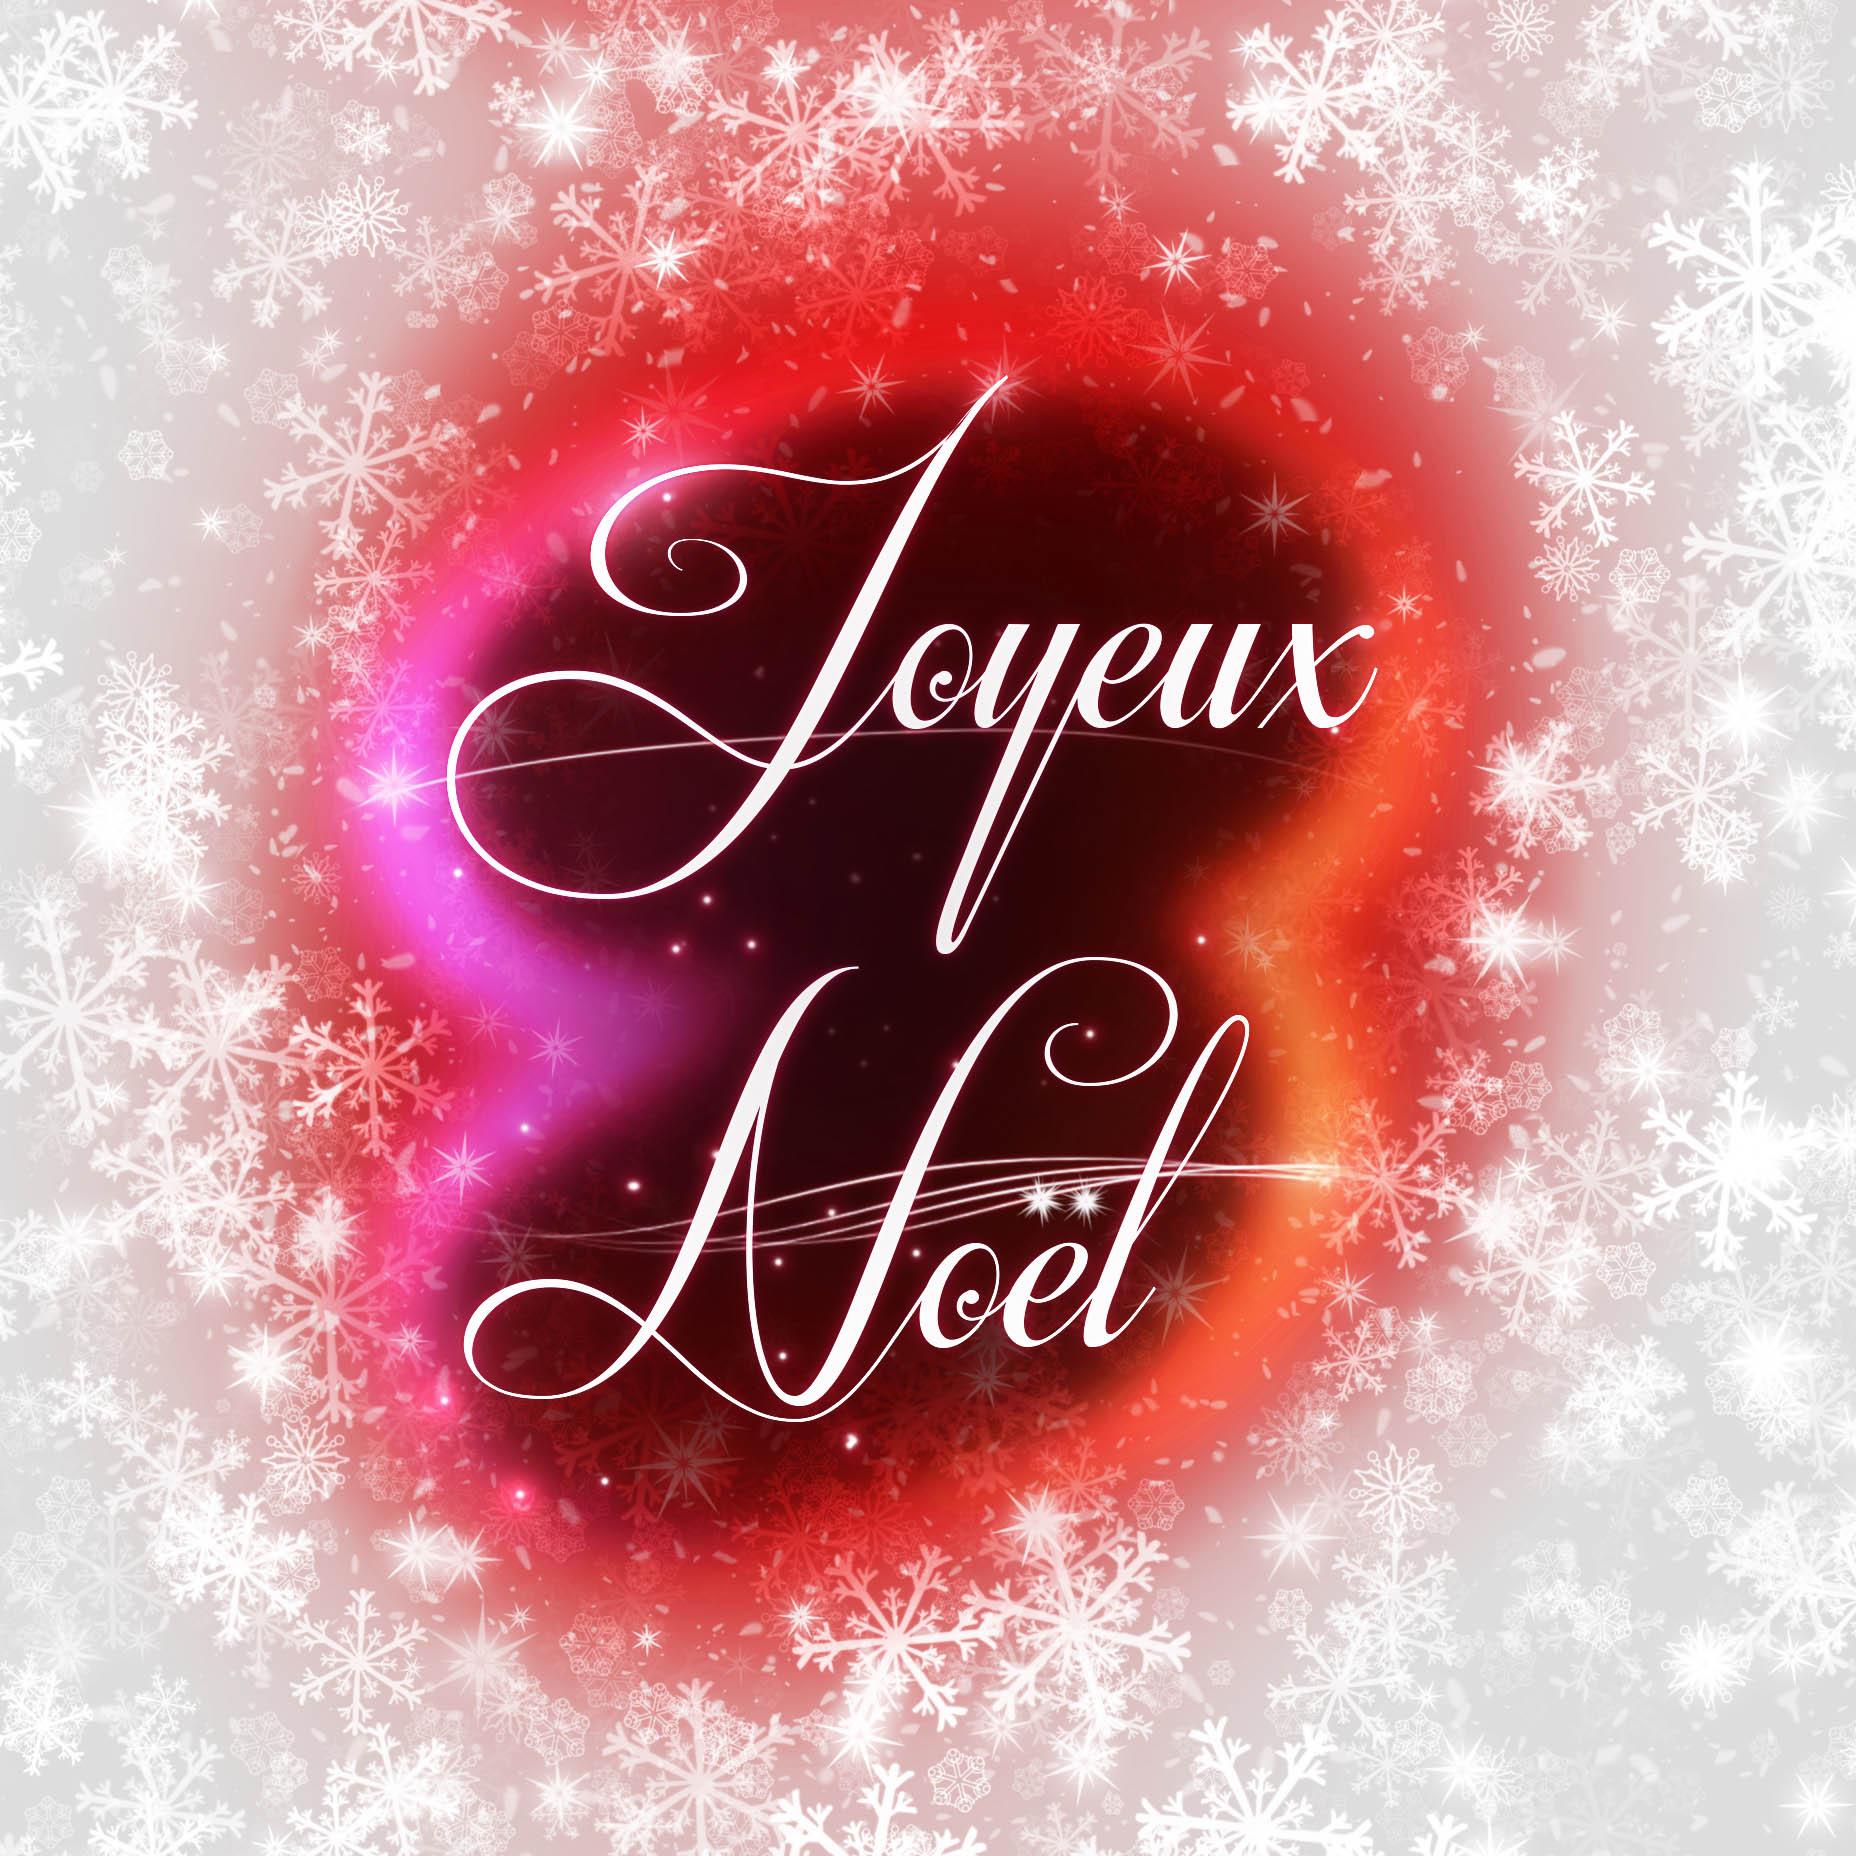 Joyeux Noel avec neige 3 - photo stock